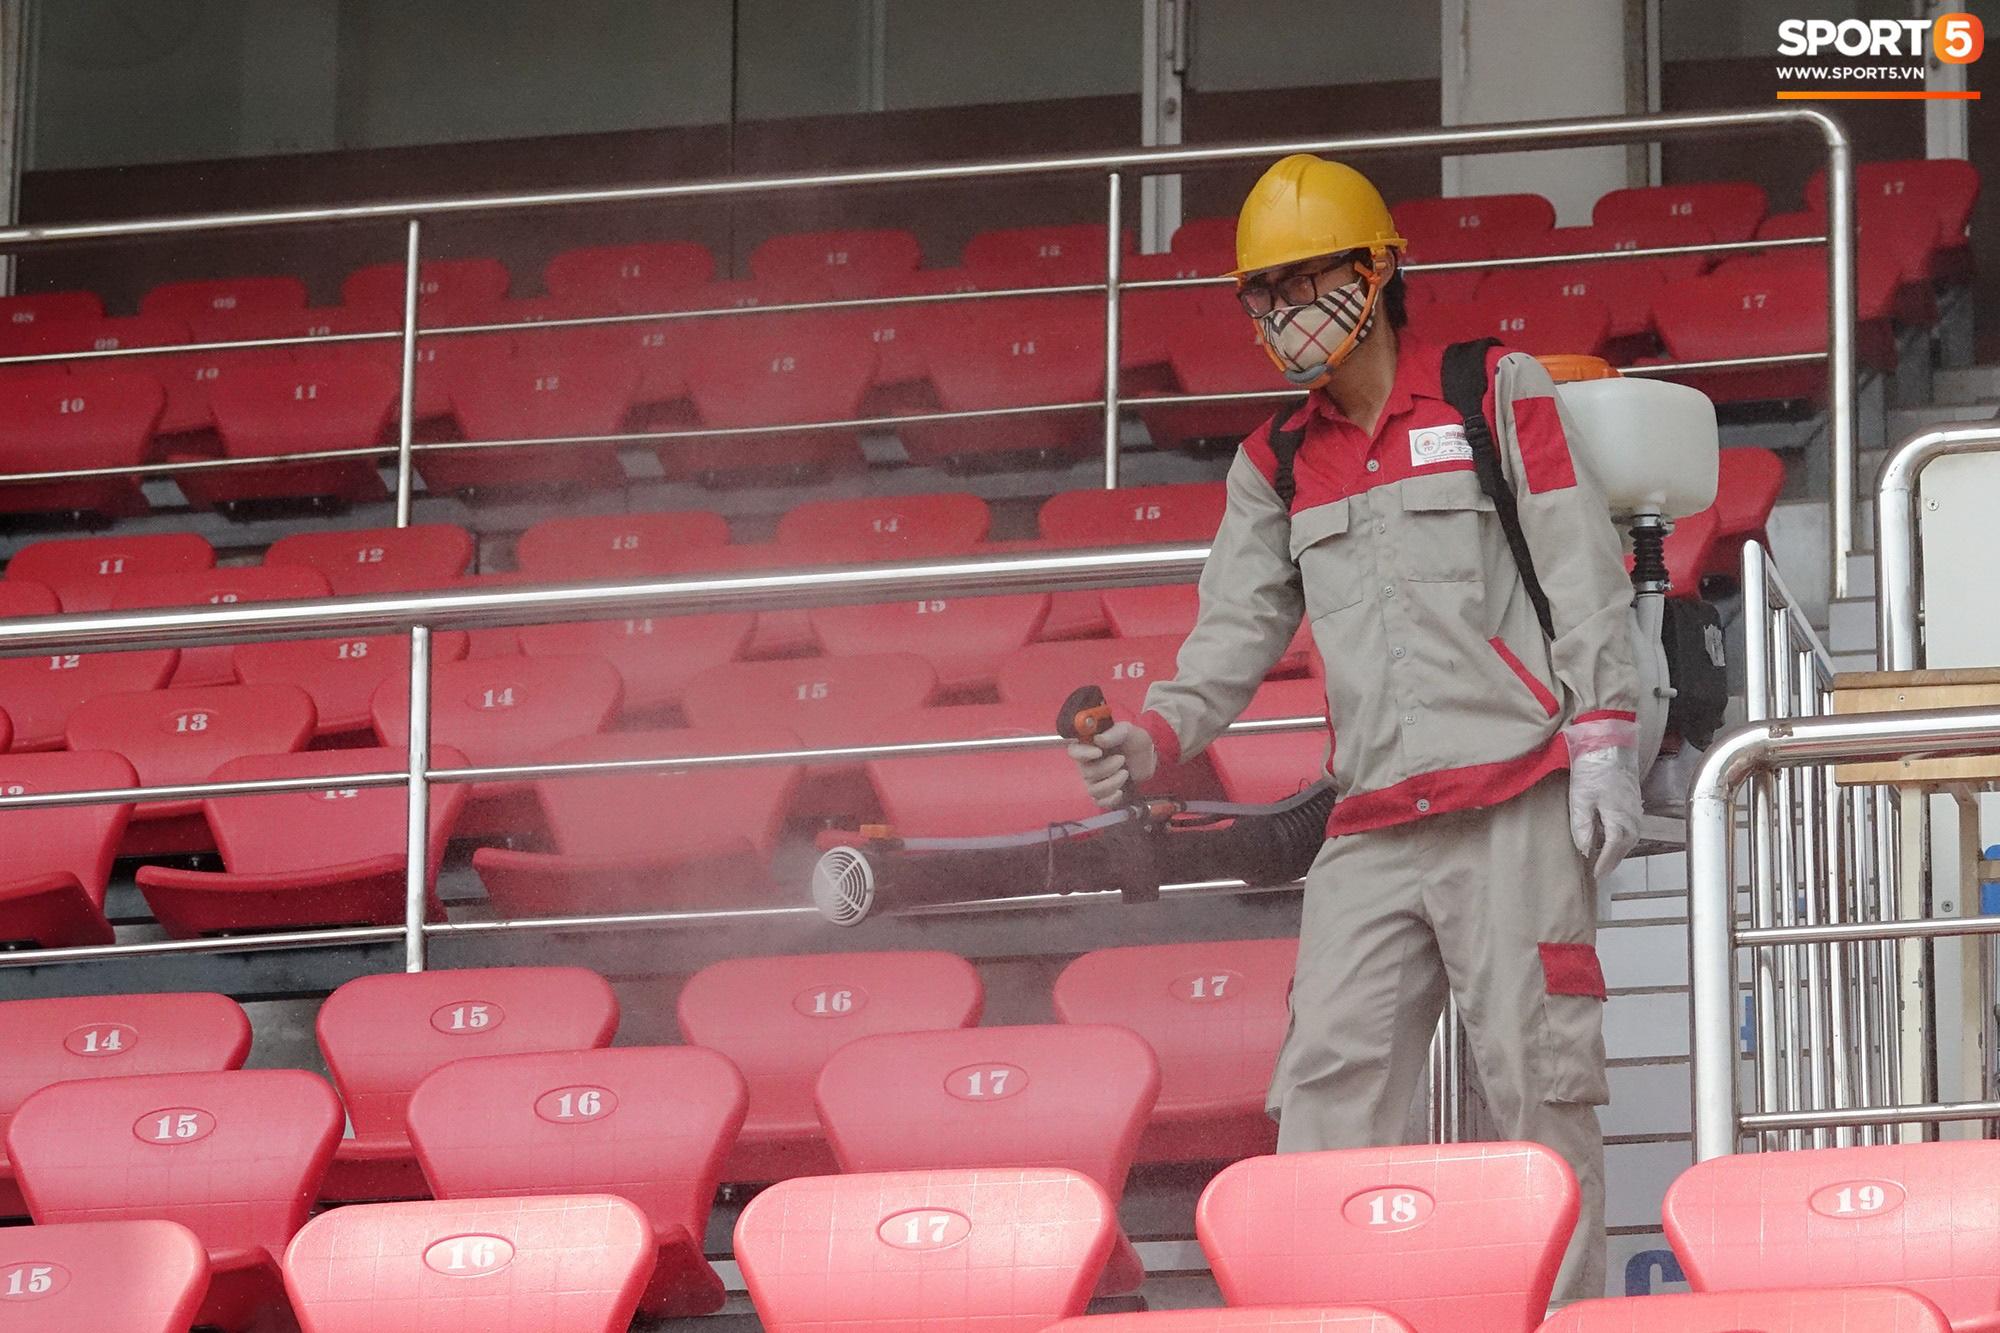 Sân Thống Nhất phun khử khuẩn trước trận đấu có HLV Park Hang-seo dự khán - Ảnh 11.